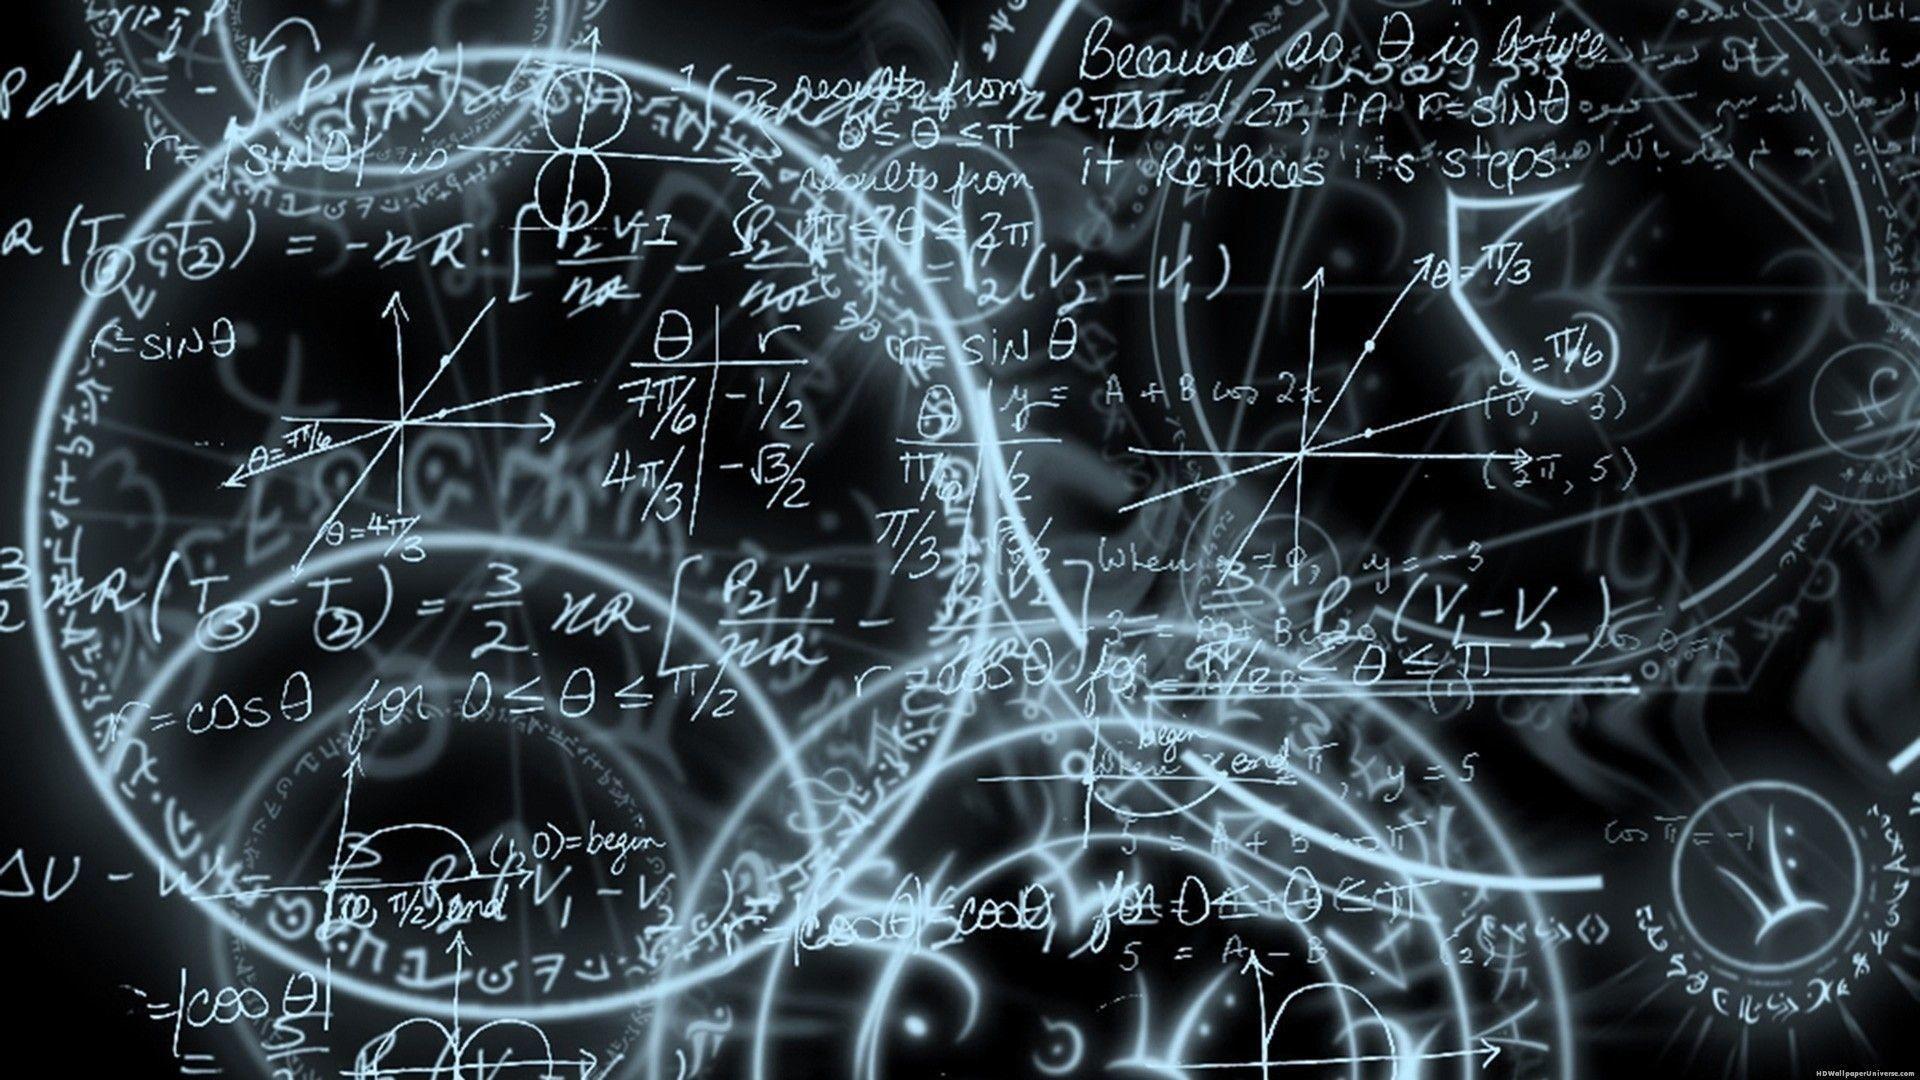 Scientific Desktop Wallpapers Top Free Scientific Desktop Backgrounds Wallpaperaccess